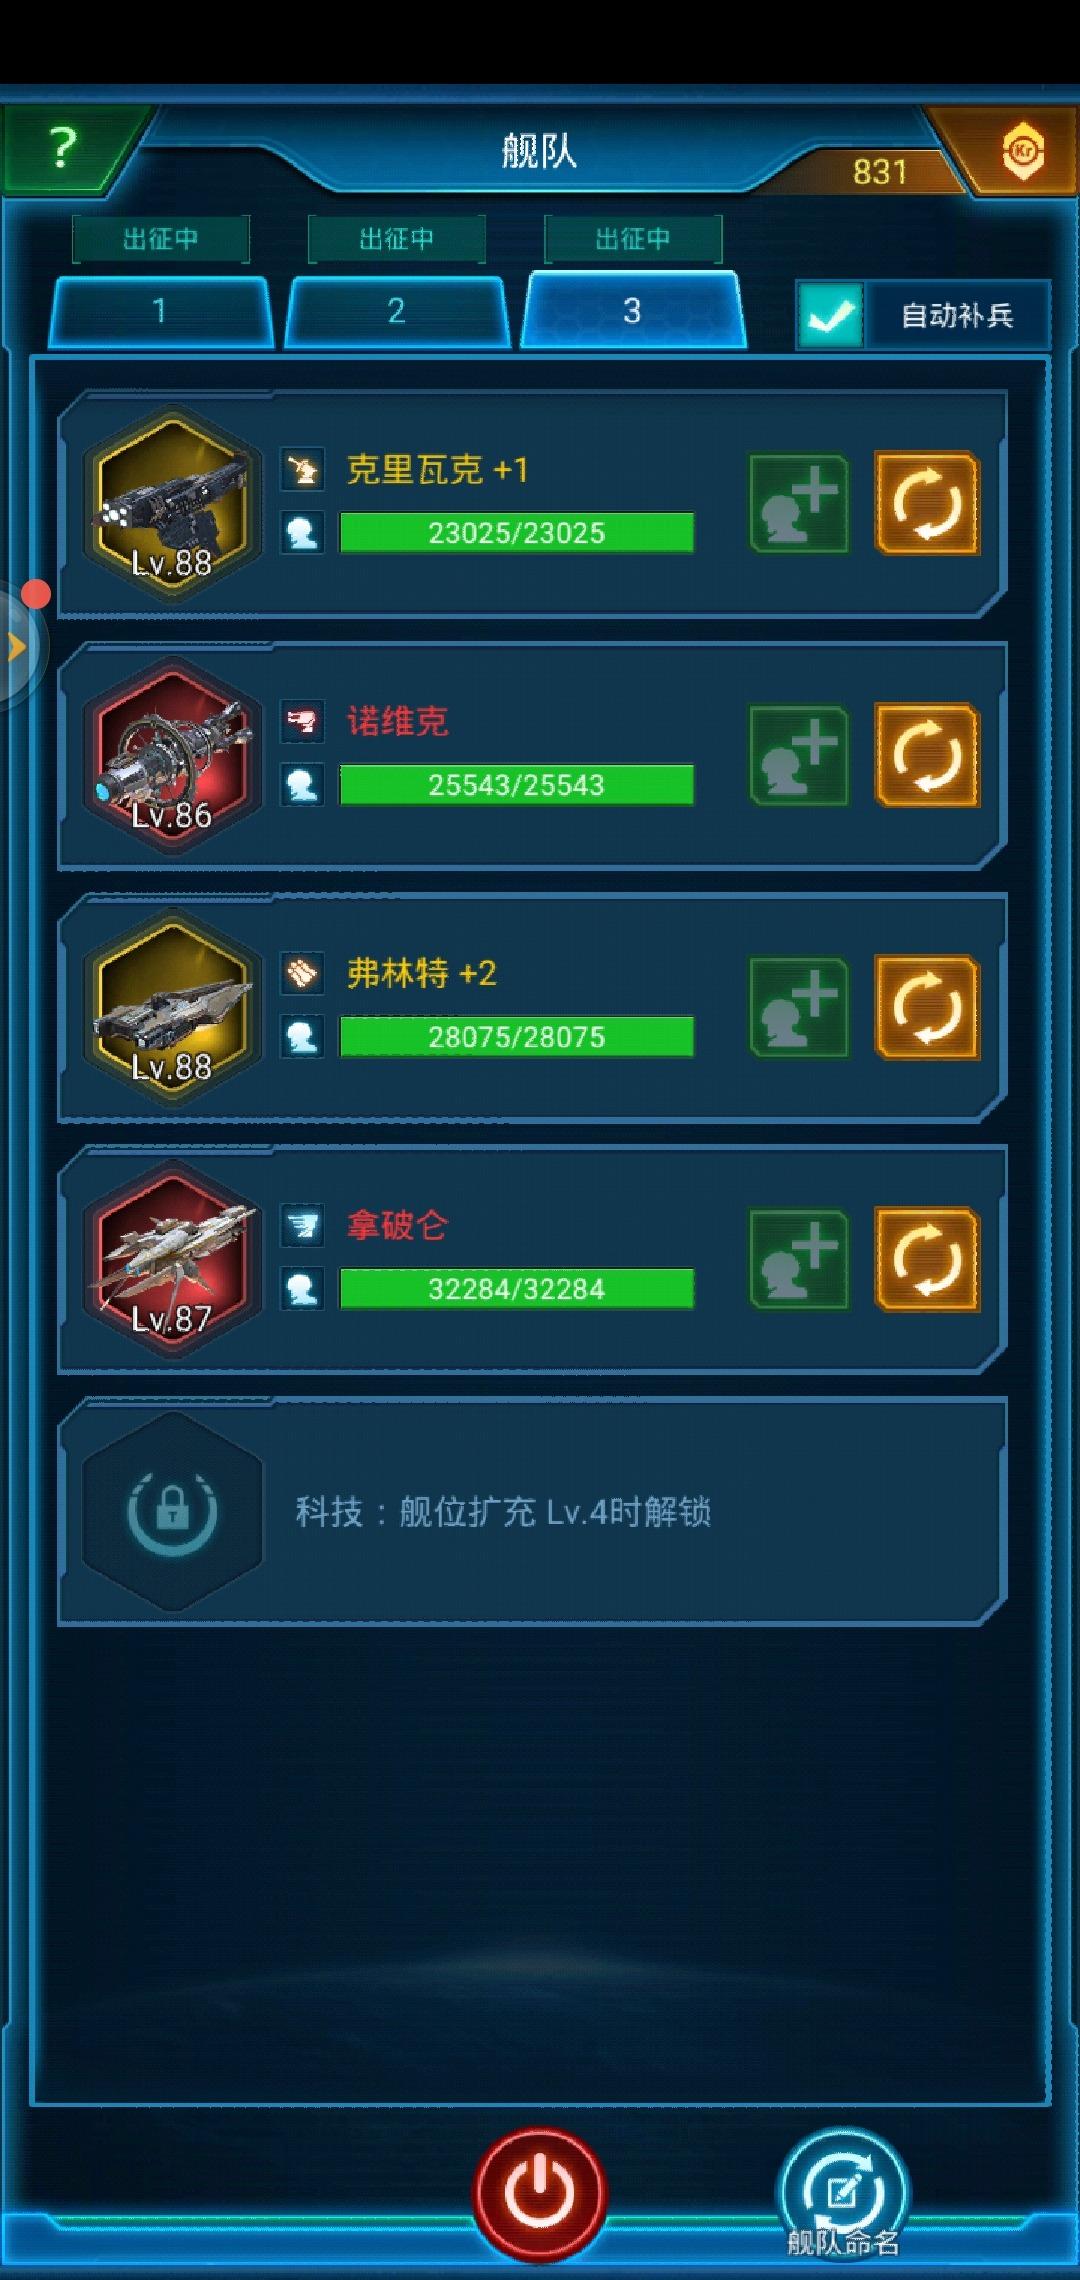 Screenshot_20191009_211700.jpg